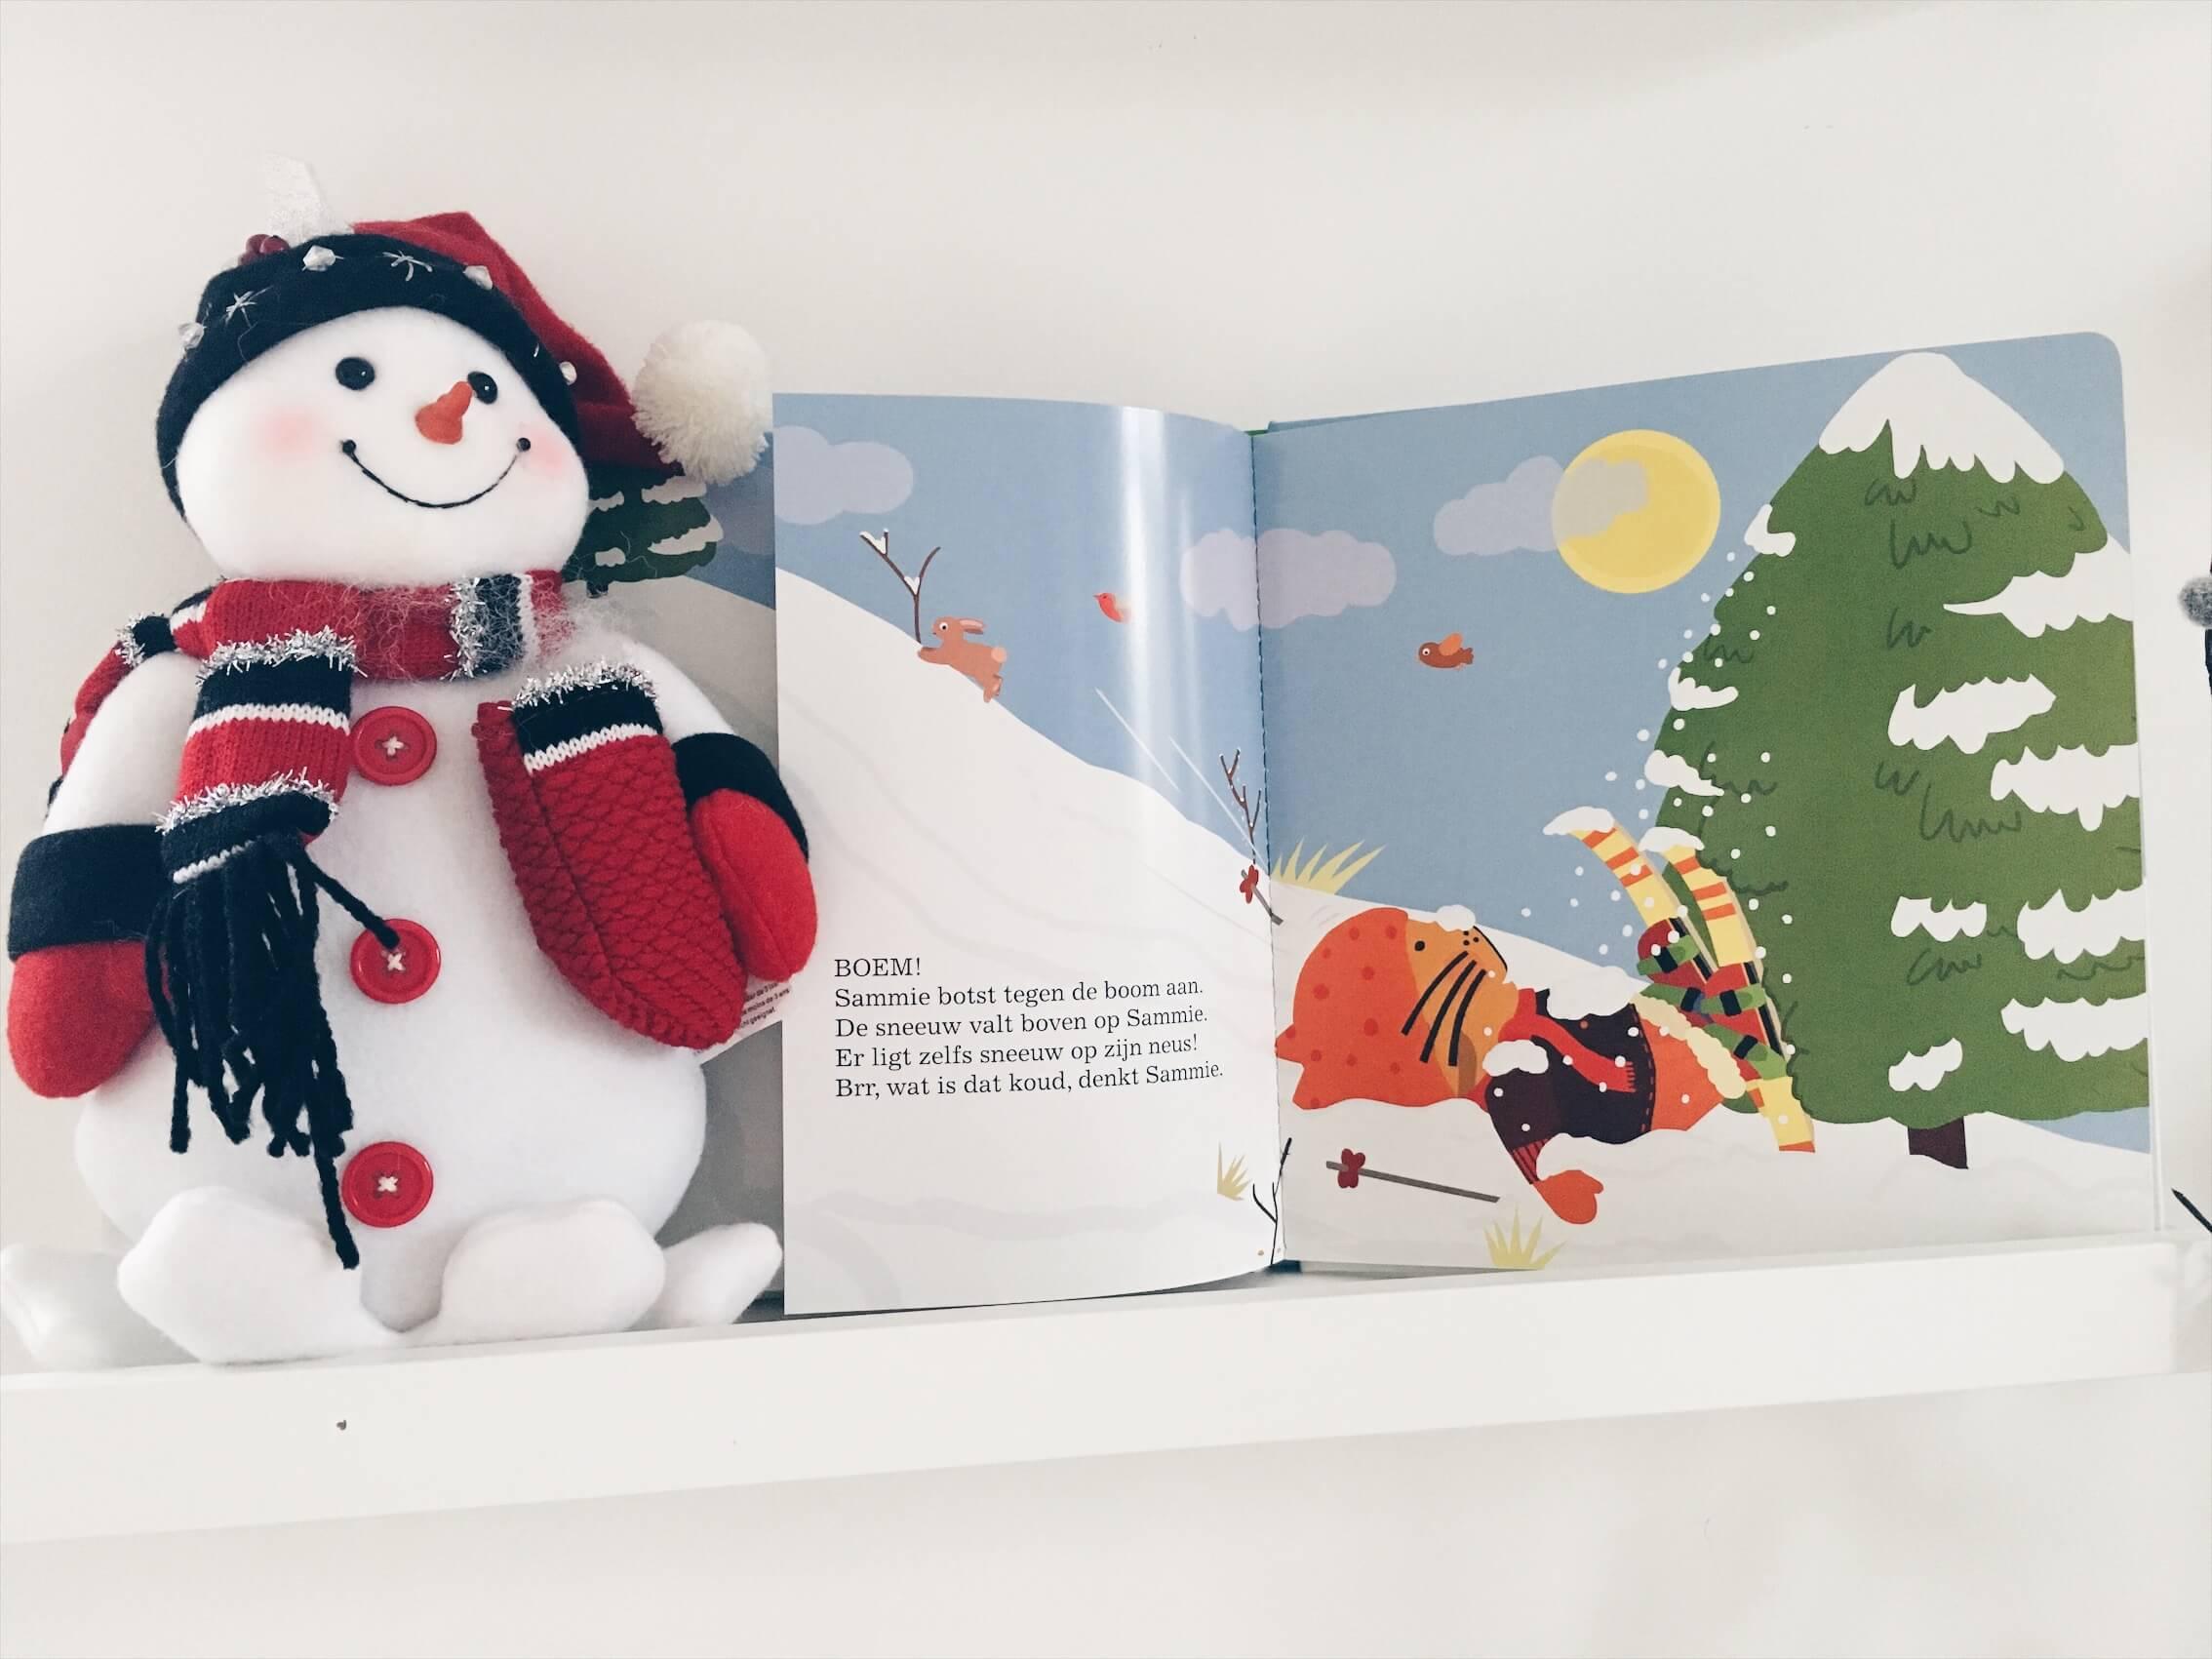 ACEE4683 8653 4DCA 9DBD 3D5A6EDAA40B - Leuke en mooie (prenten)boeken voor de winterdagen